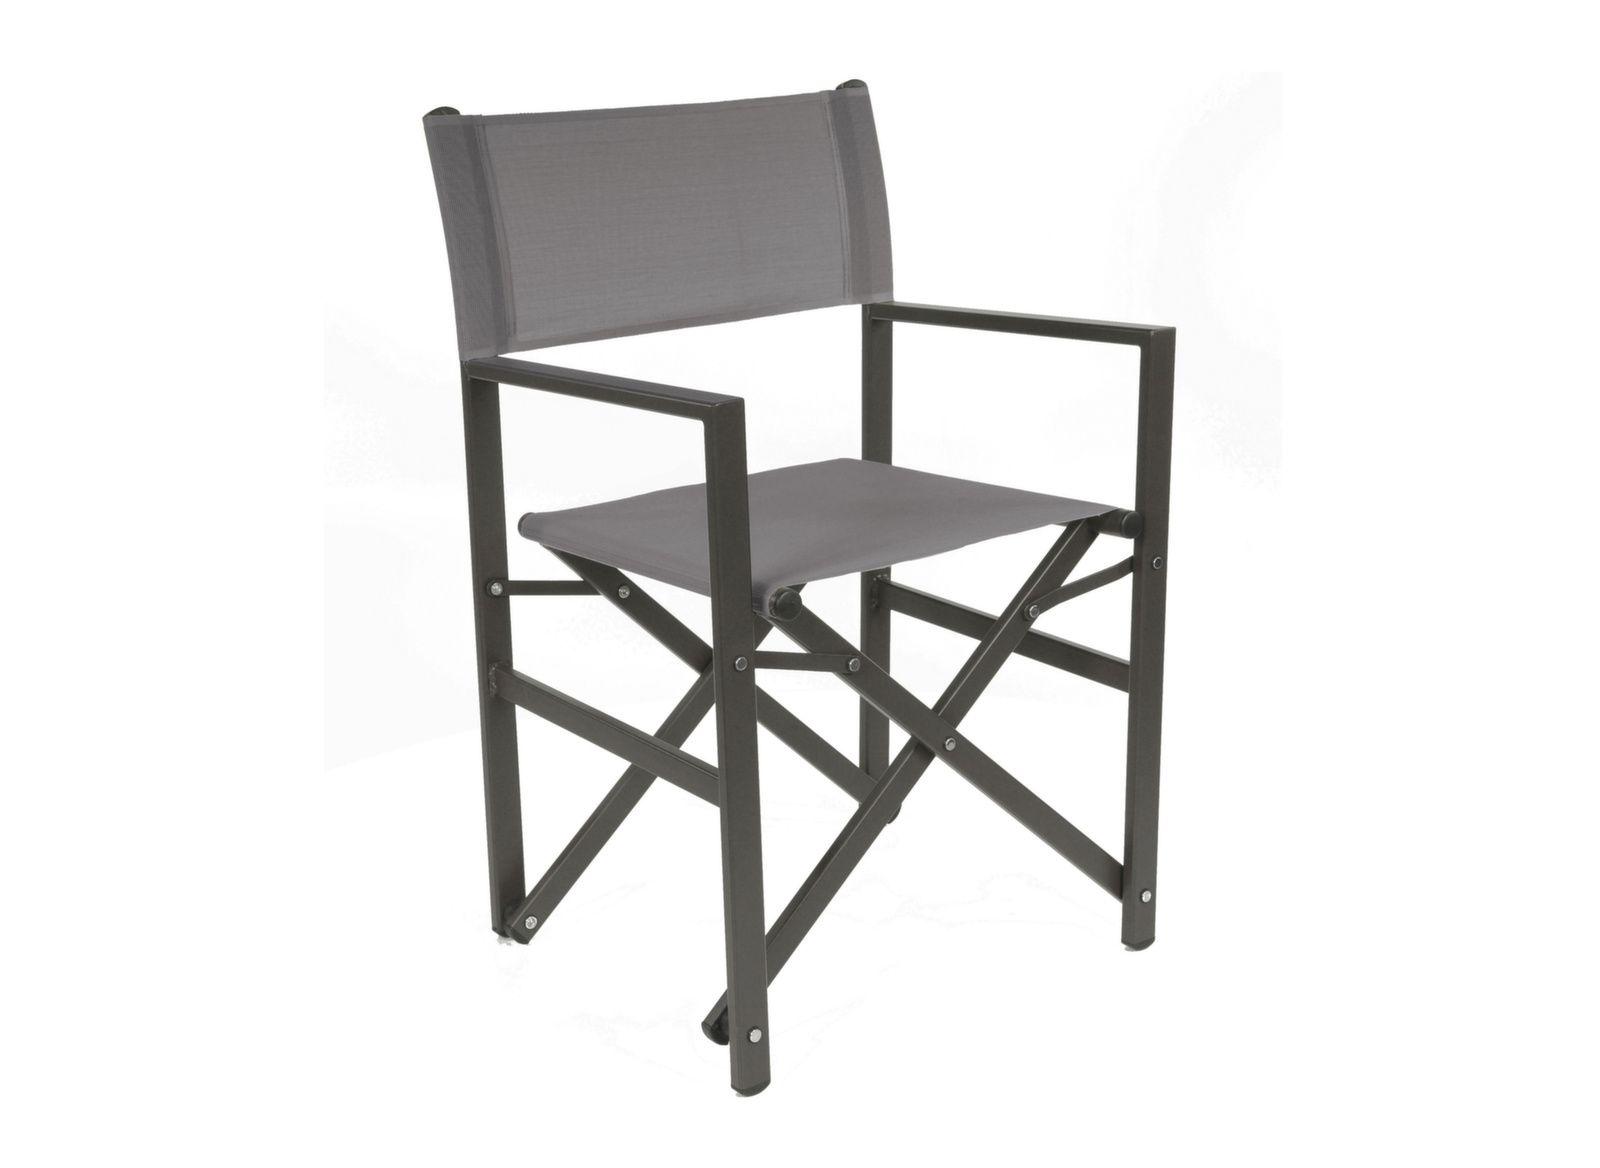 fauteuil pliable en aluminium r gisseur proloisirs. Black Bedroom Furniture Sets. Home Design Ideas